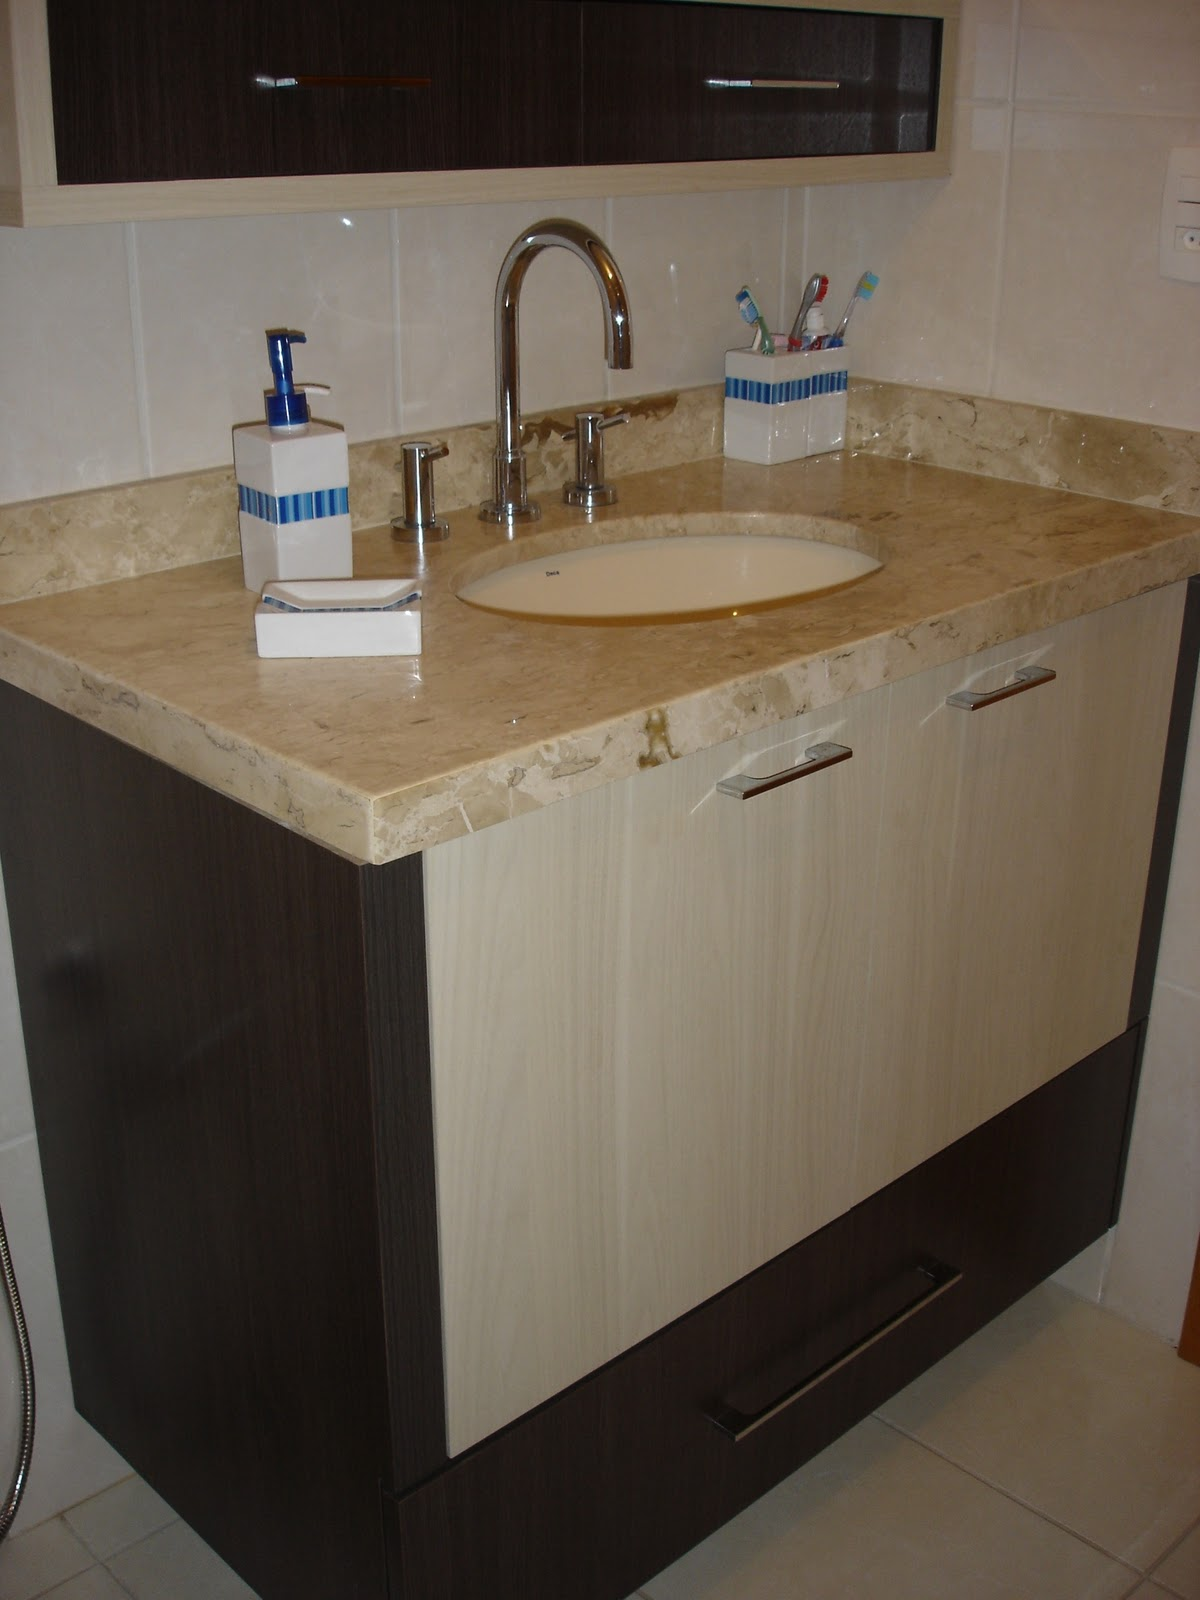 Imagens de #2D4567 CARLA DE ASSUMPÇÃO: Banheiros residenciais harmonizados 1200x1600 px 3600 Banheiros Todo Bege